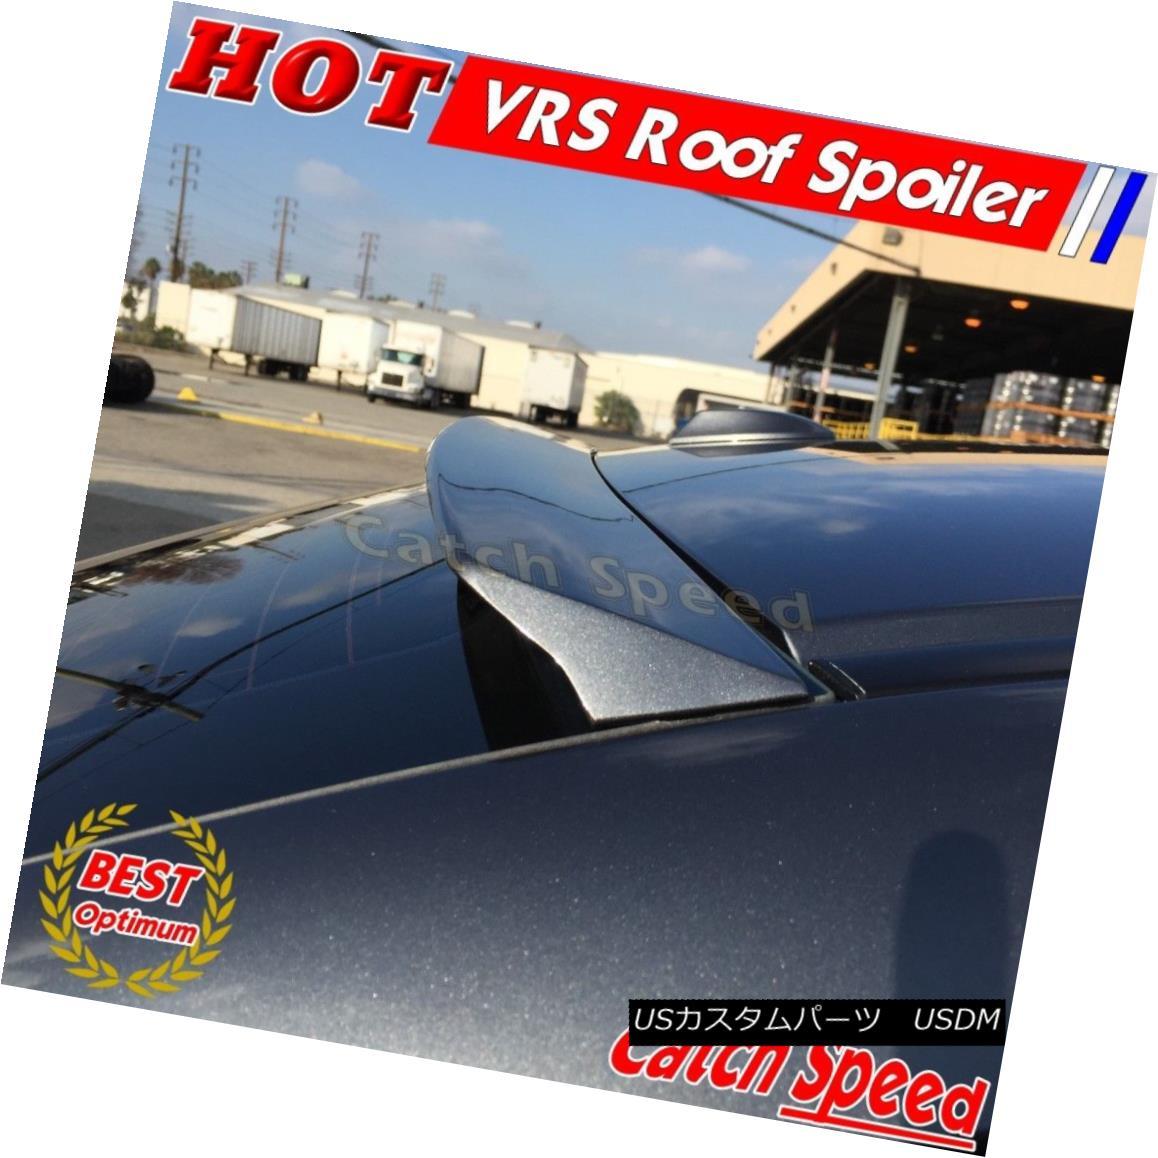 エアロパーツ Painted VRS Type Rear Window Roof Spoiler Wing For Audi A5 Sportback 2012~2015 ? 塗装済みVRSタイプAudi A5 Sportback 2012?2015用リアウィンドウルーフスポイラーウイング?